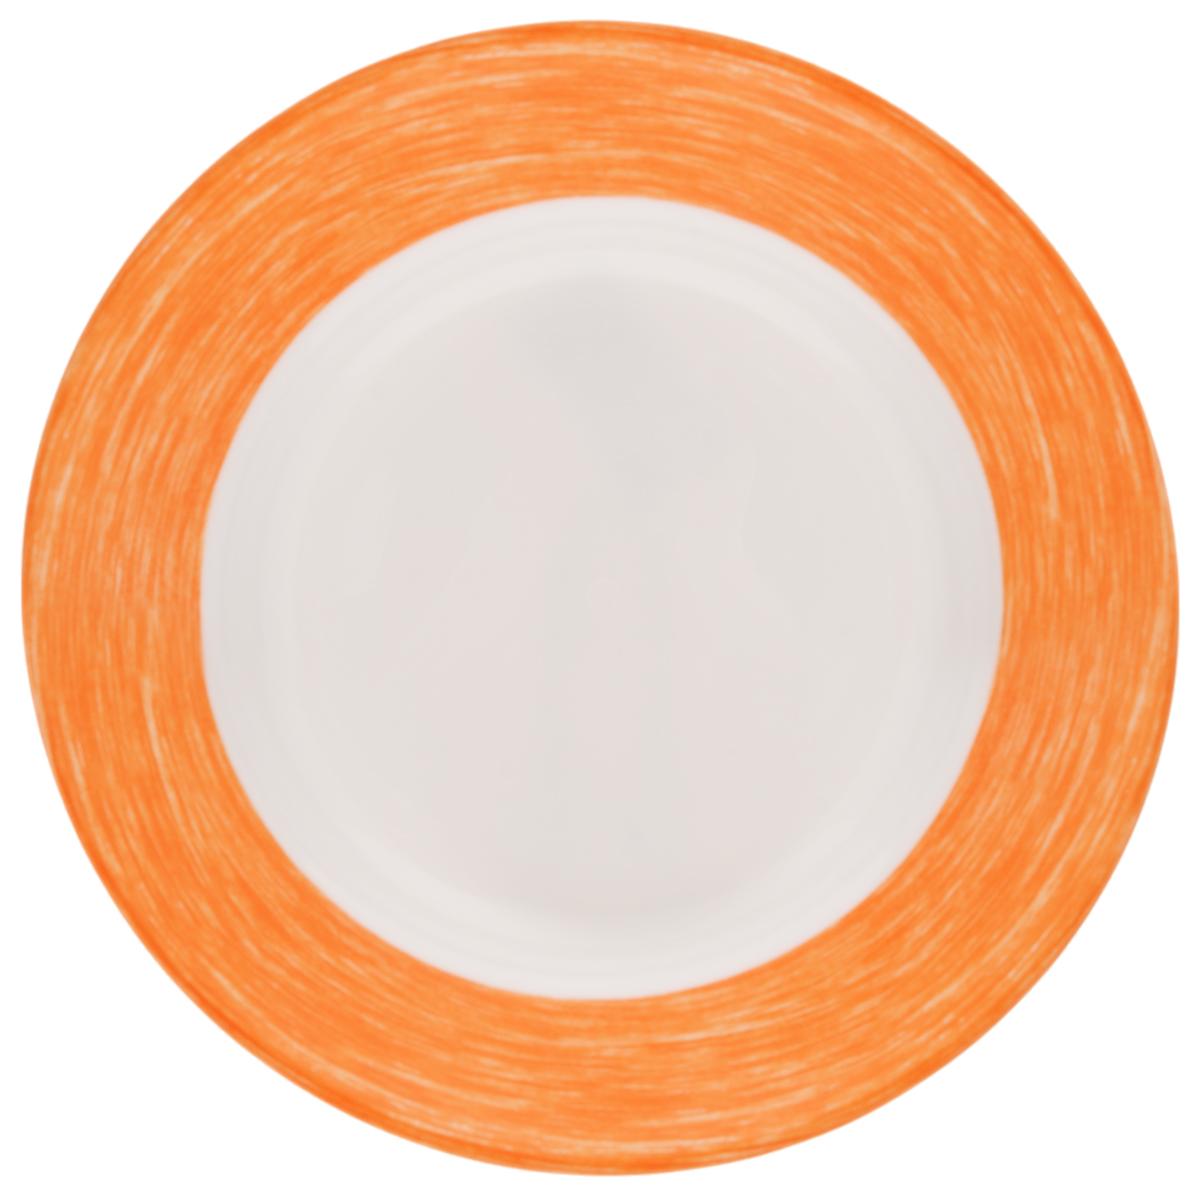 """Глубокая тарелка Luminarc """"Color Days Orange"""" выполнена из  ударопрочного стекла и имеет классическую круглую форму. Она прекрасно  впишется в  интерьер вашей кухни и станет достойным дополнением  к кухонному инвентарю.  Тарелка Luminarc """"Color Days Orange"""" подчеркнет прекрасный вкус хозяйки  и станет отличным подарком.  Диаметр тарелки (по верхнему краю): 22 см."""